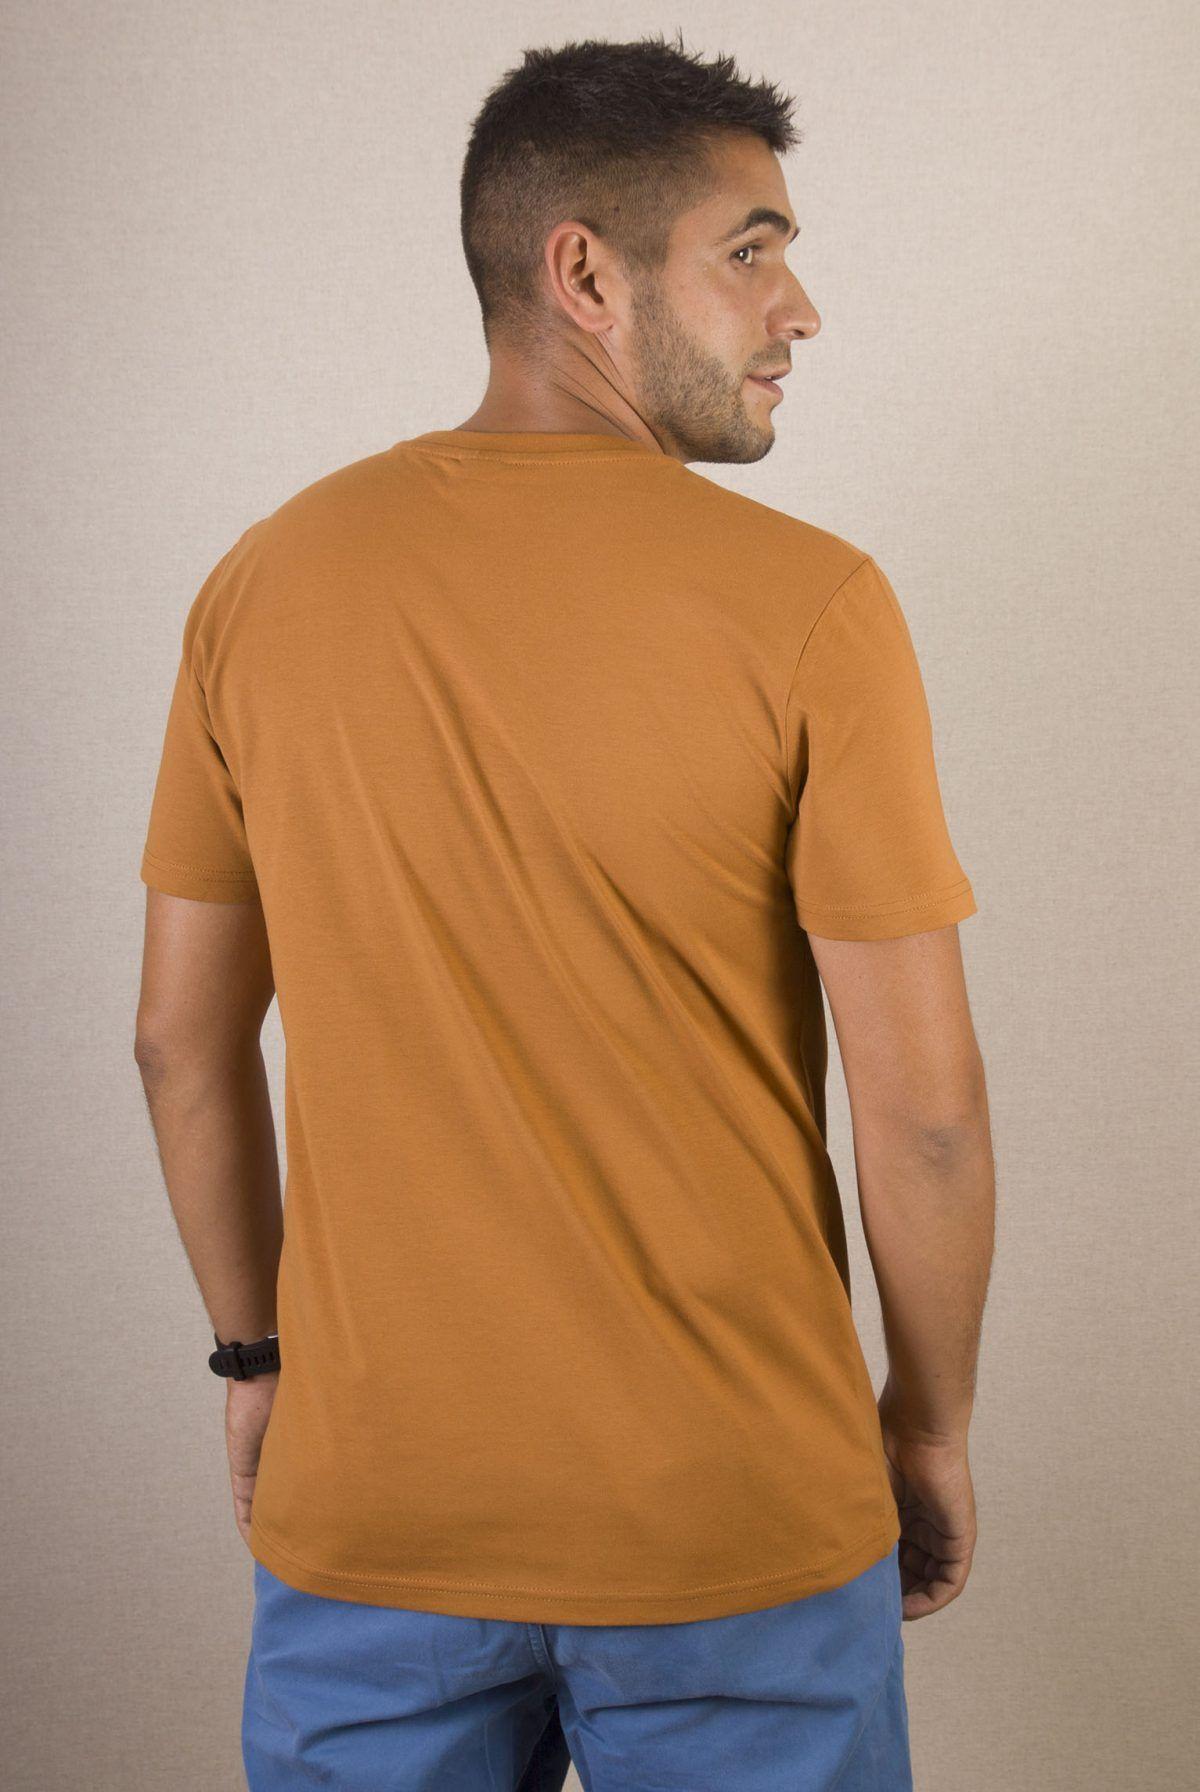 Camiseta Leona hombre-sirem wild